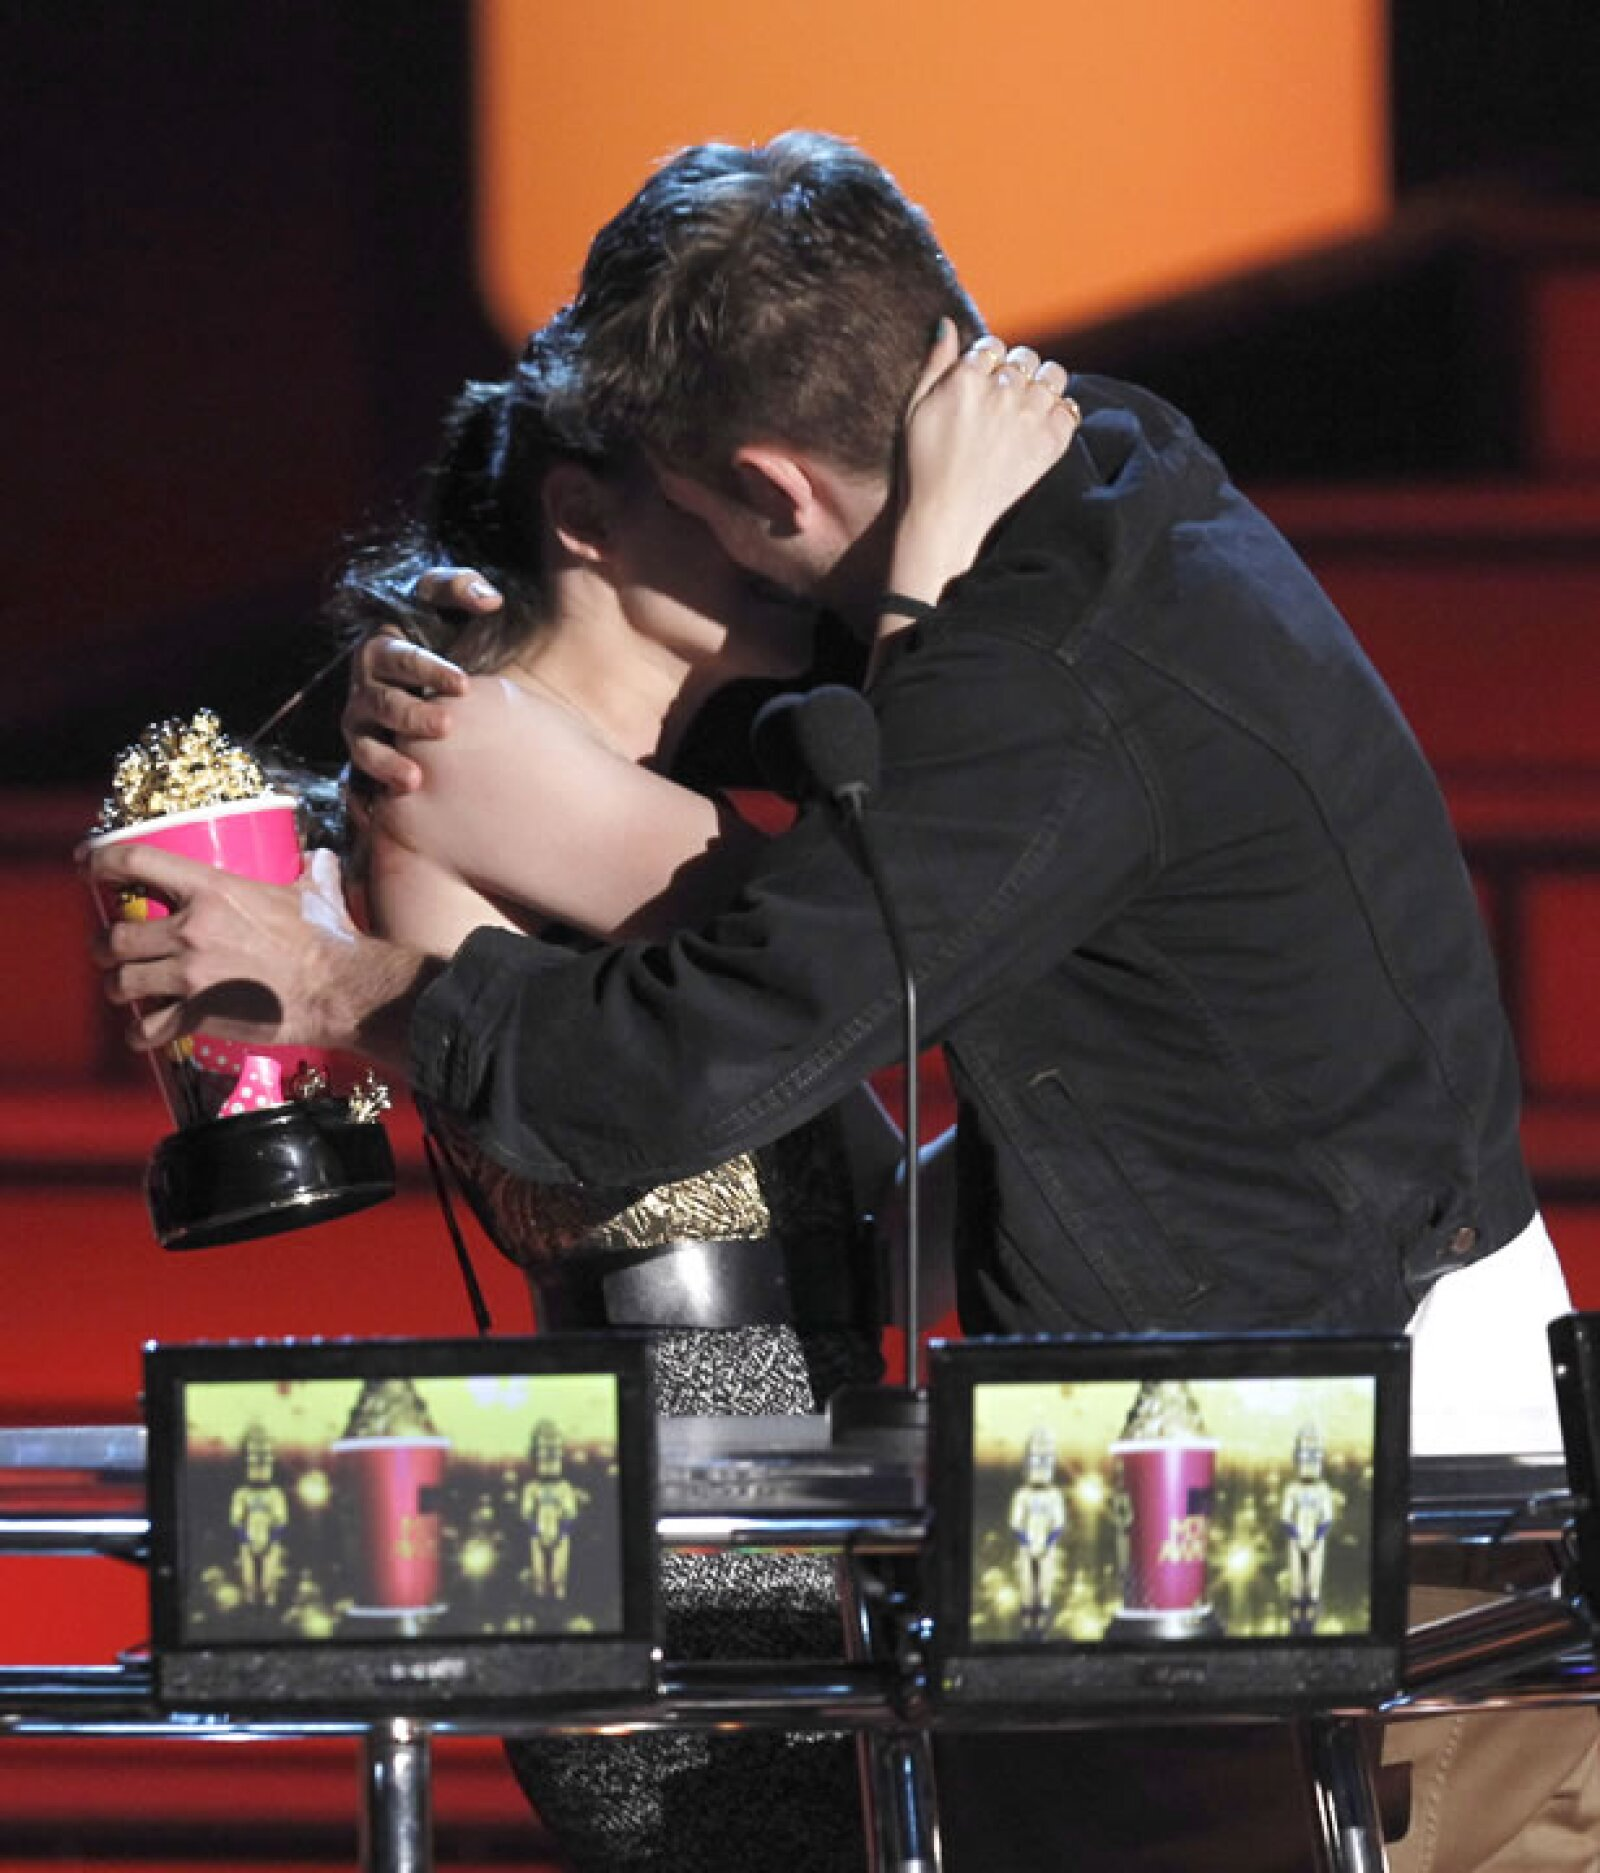 En 2012 la pareja dejó de ser tímida y comenzaron a tener muestras de afecto en público.